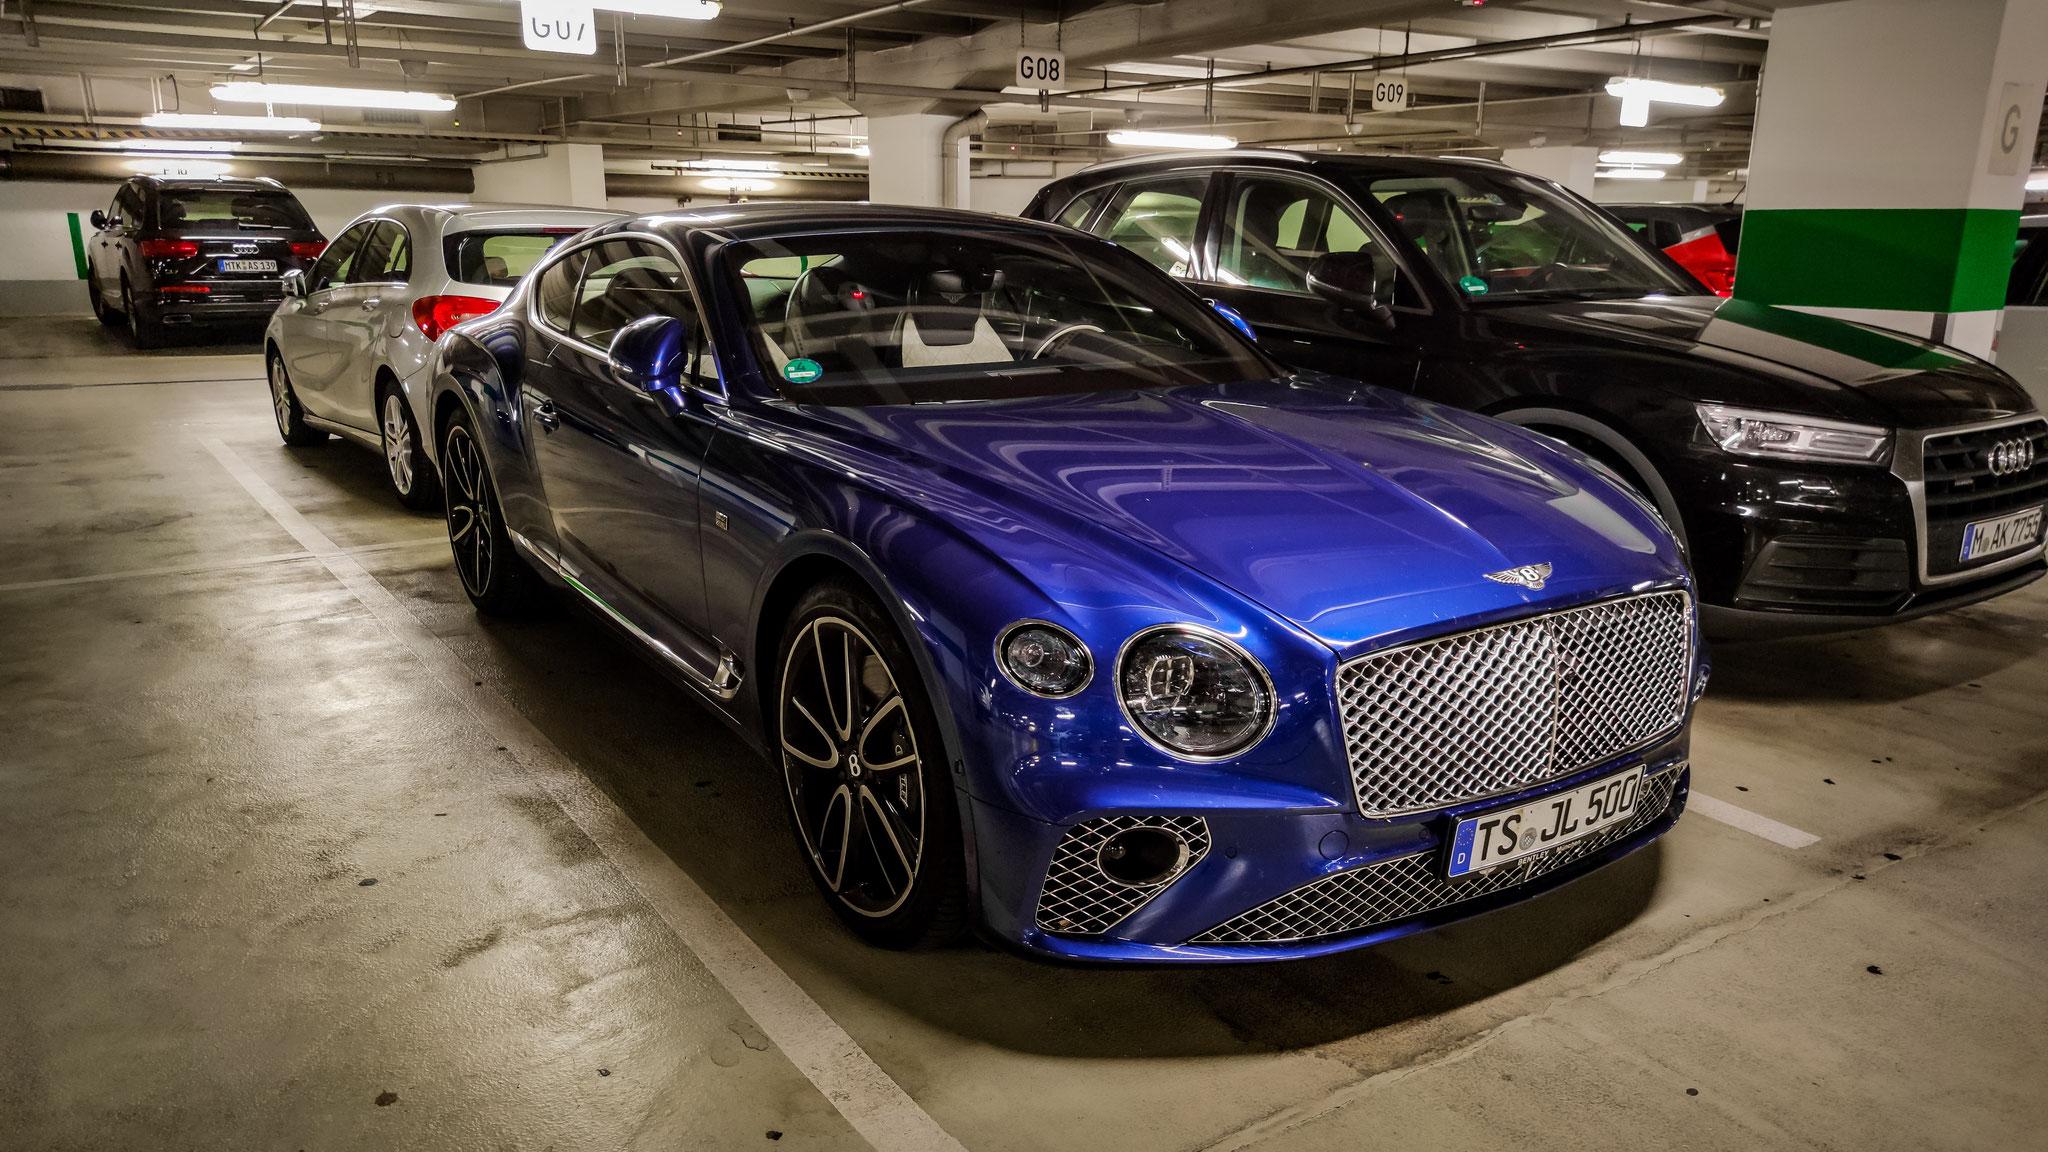 Bentley Continental GT - TS-JL-500